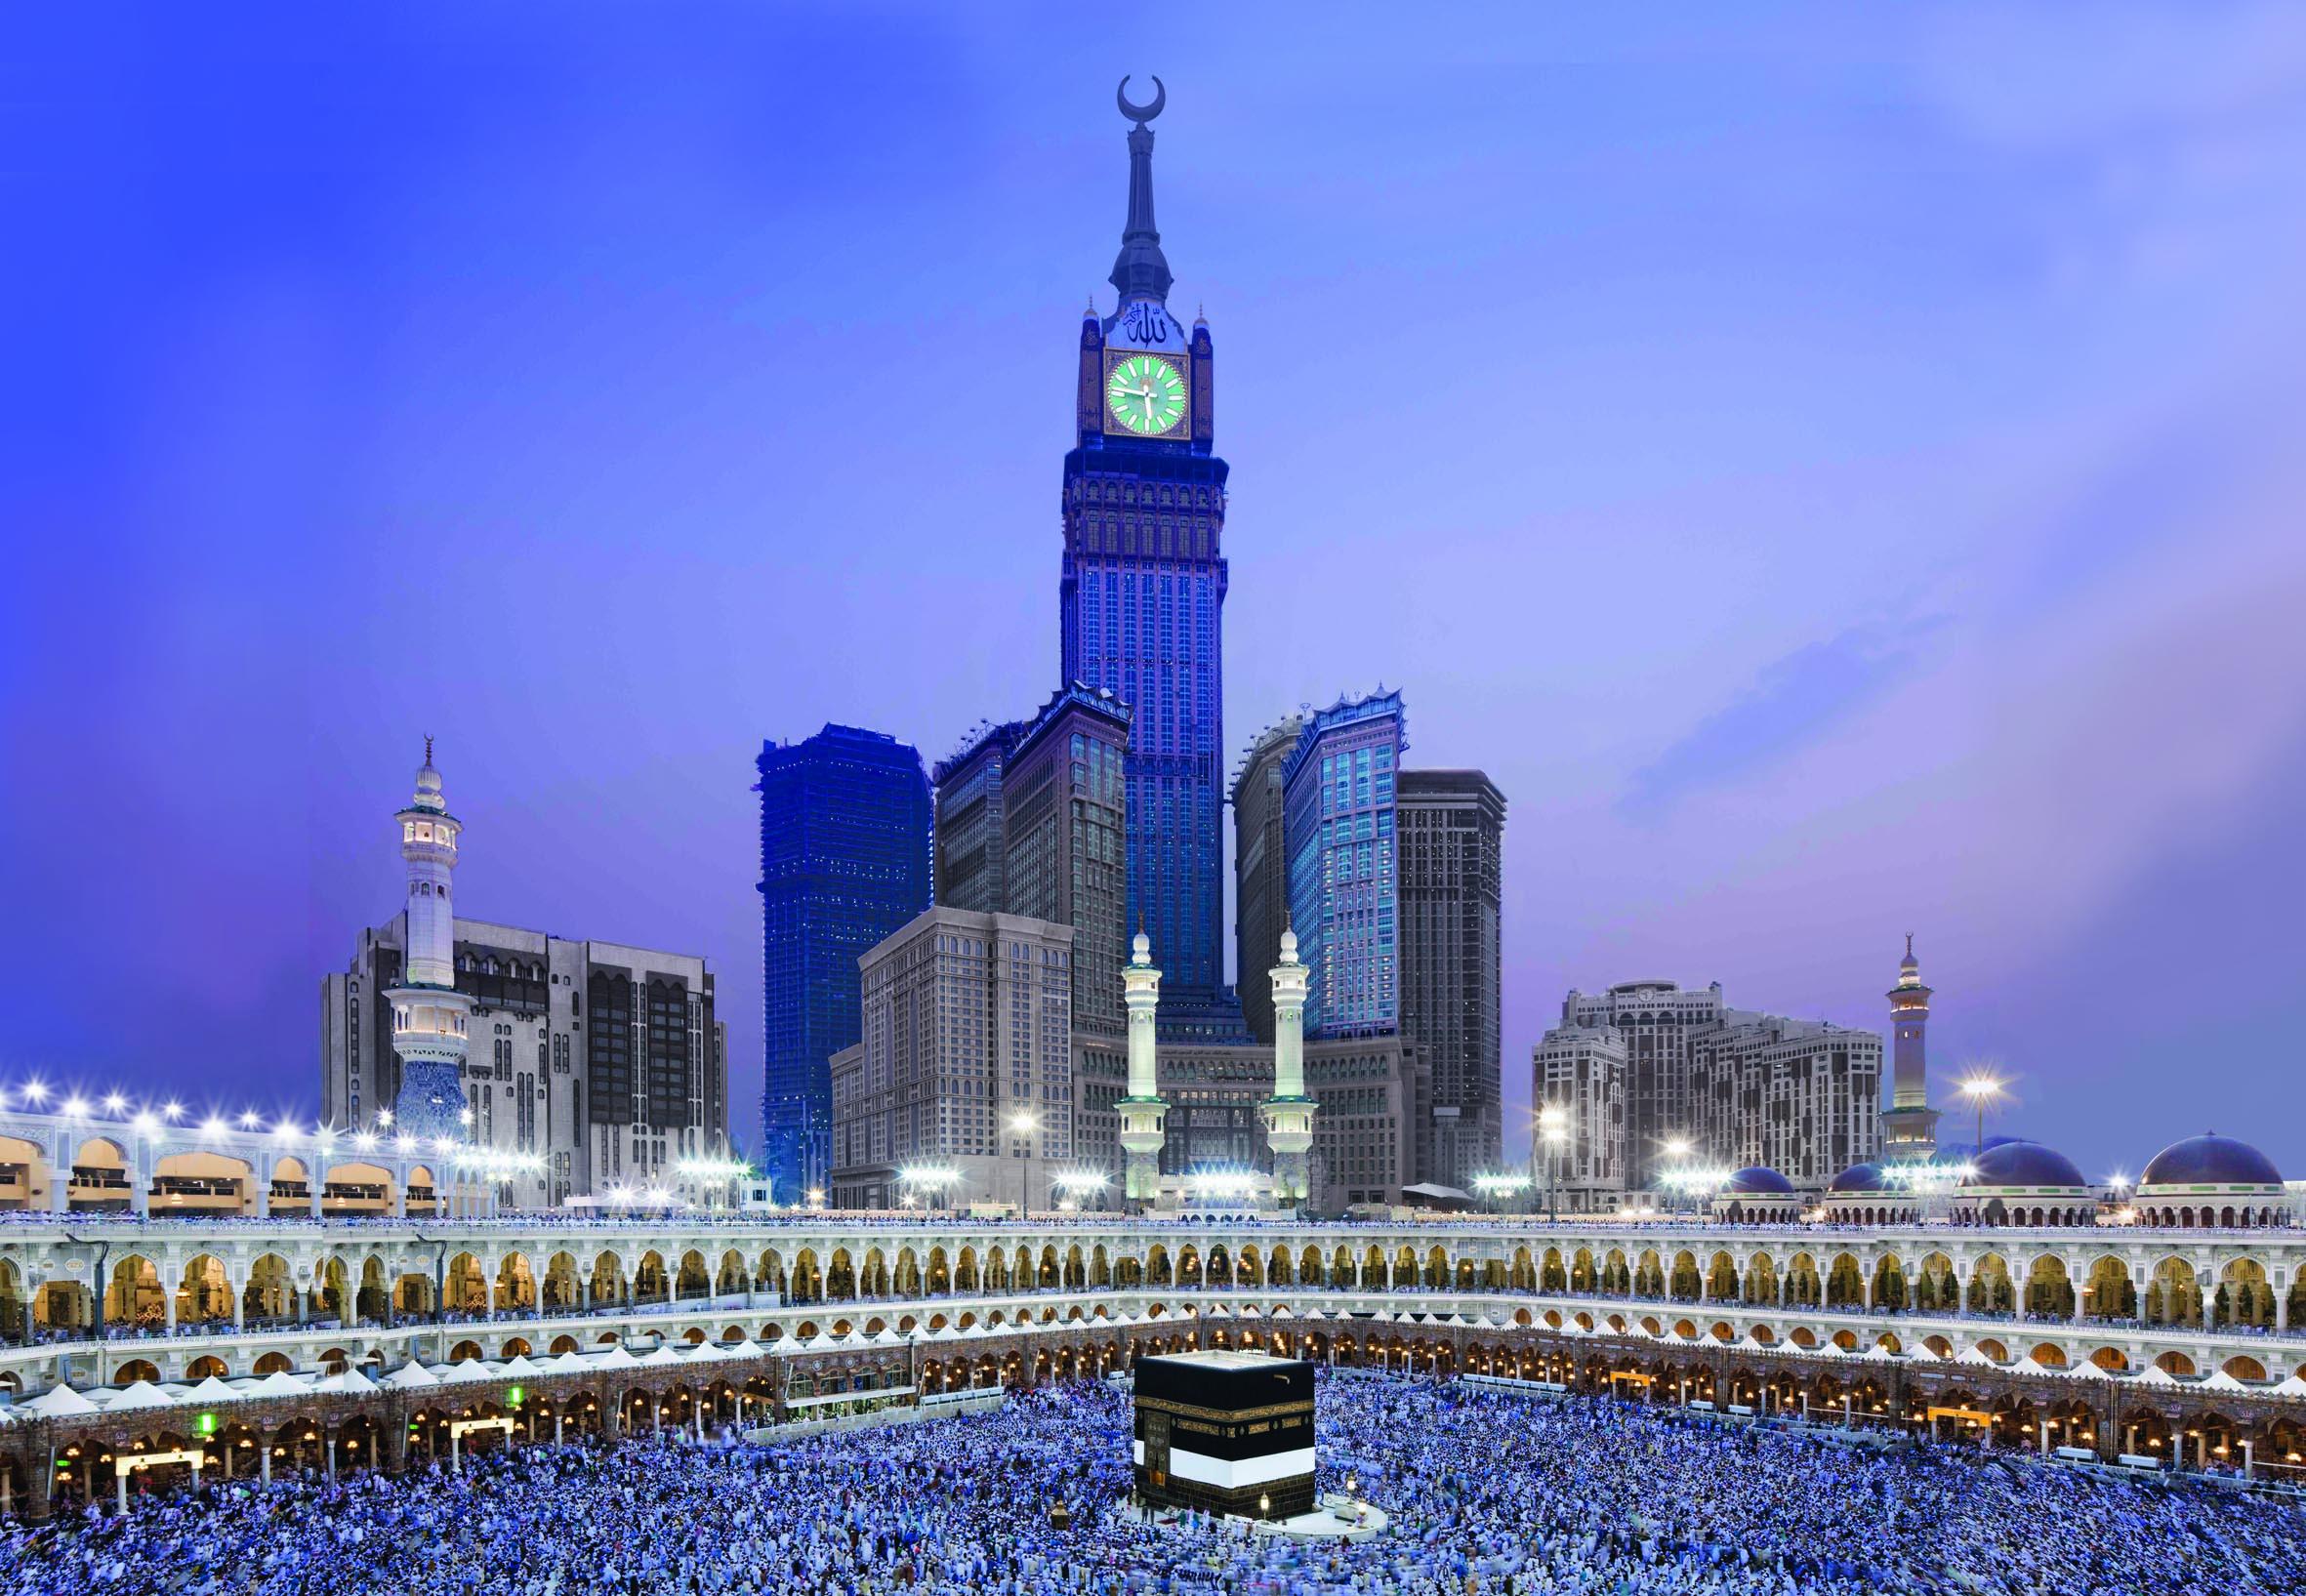 Bolehkah Melaksanakan Ibadah Umroh Sebelum Melaksanakan Haji?